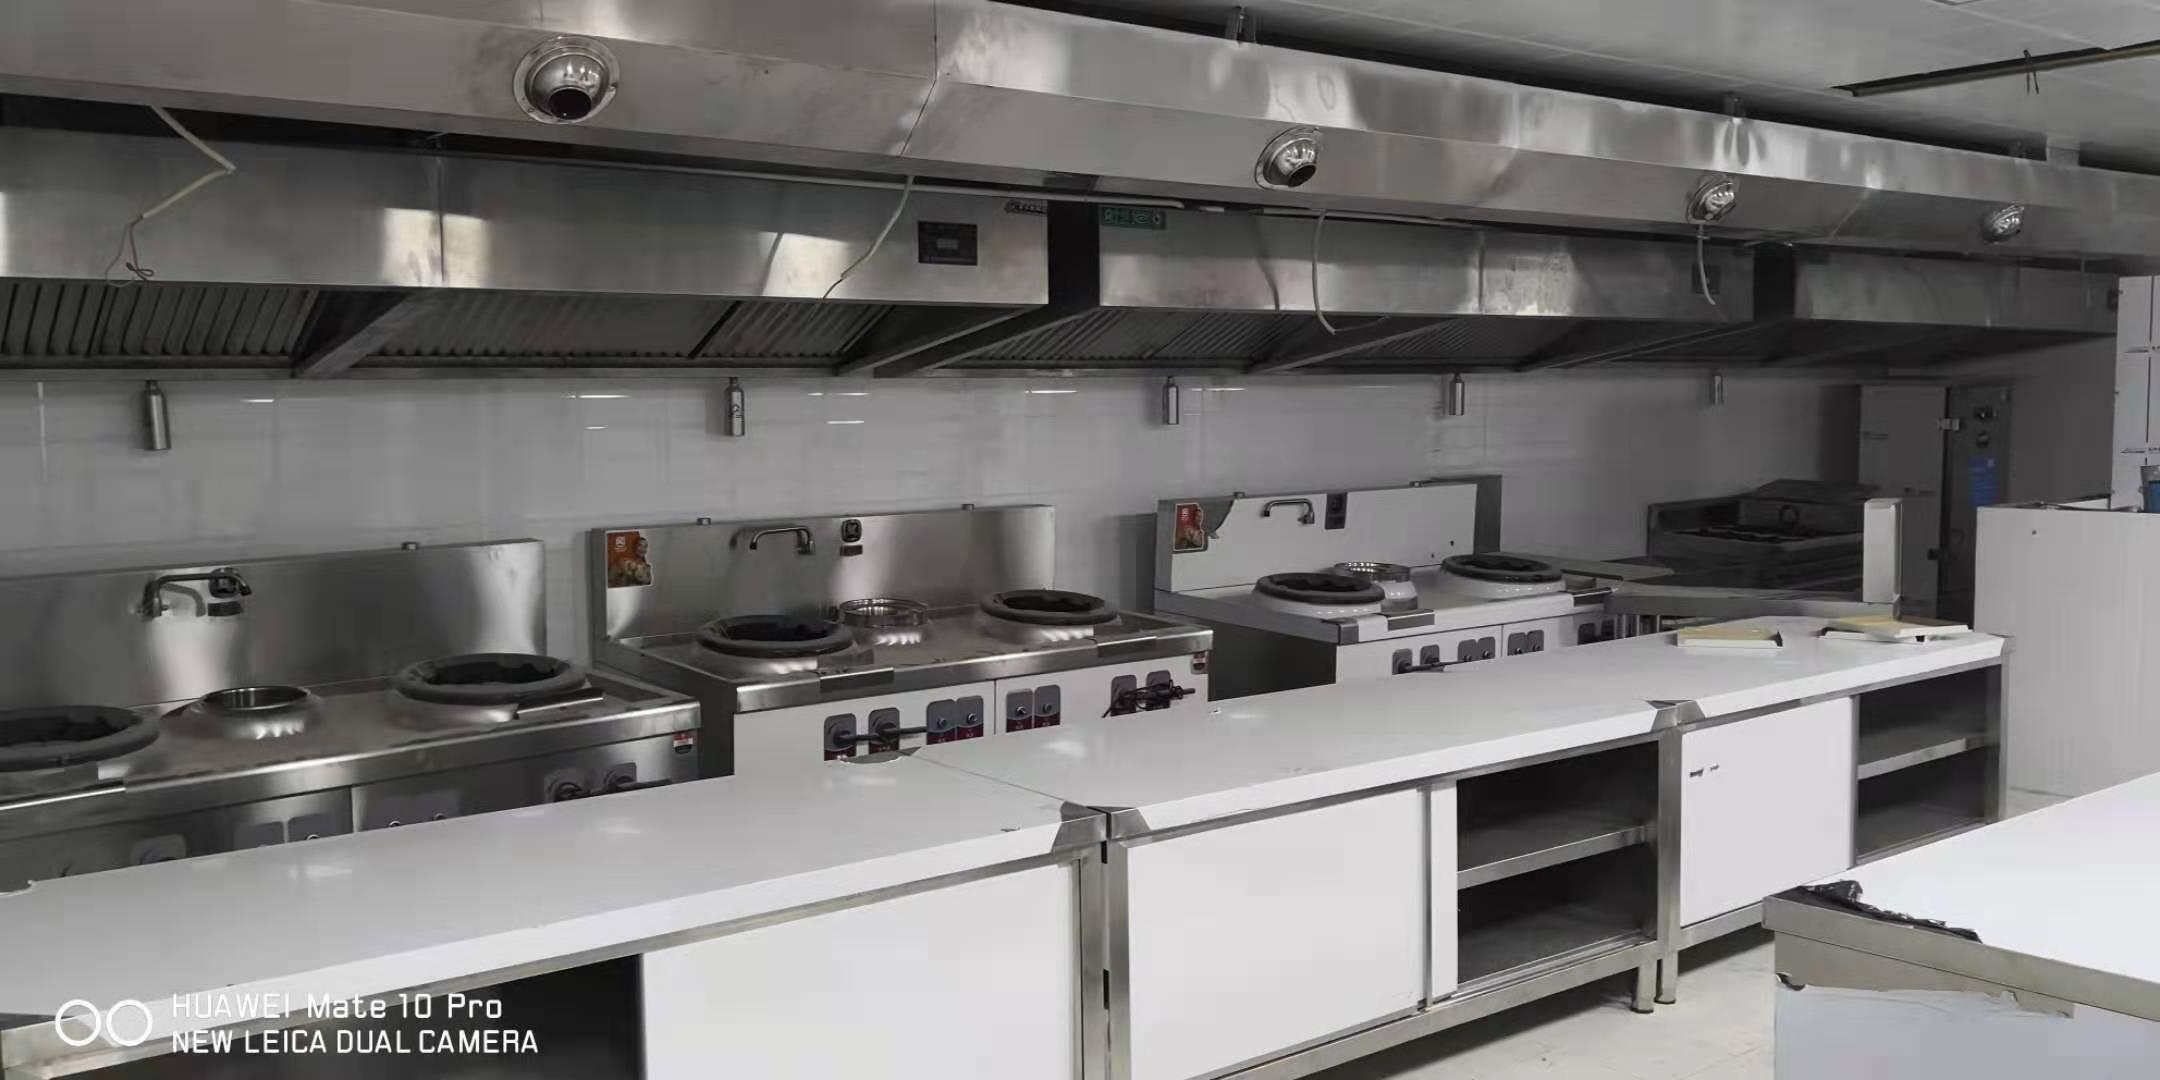 许昌品牌好的许昌厨房排烟通风设备价格-禹州烟罩一体机安装